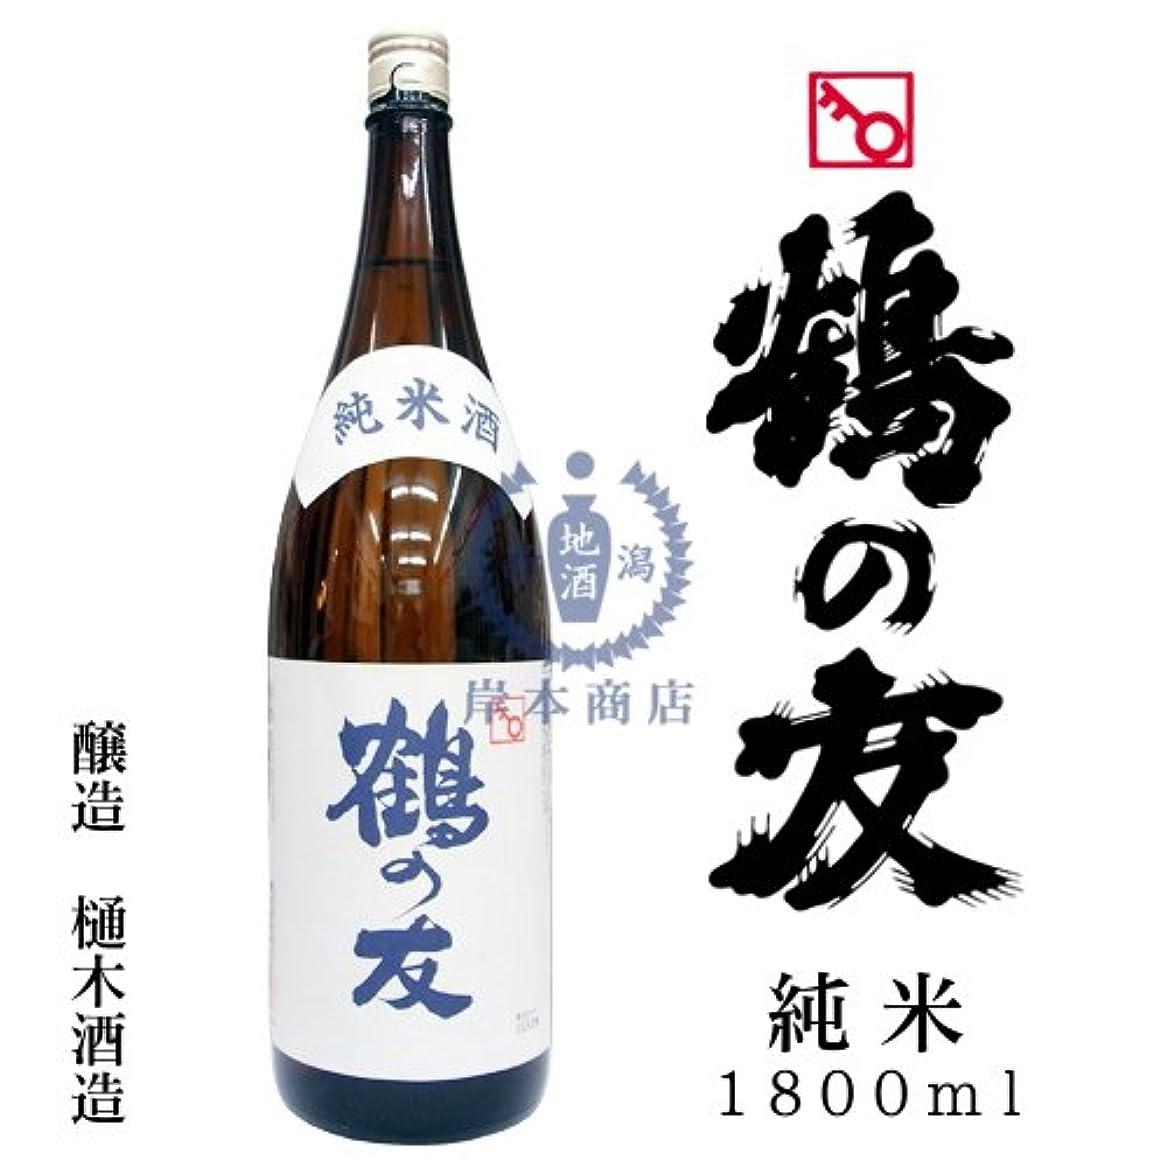 マウント理解接続された鶴の友 純米 1800ml